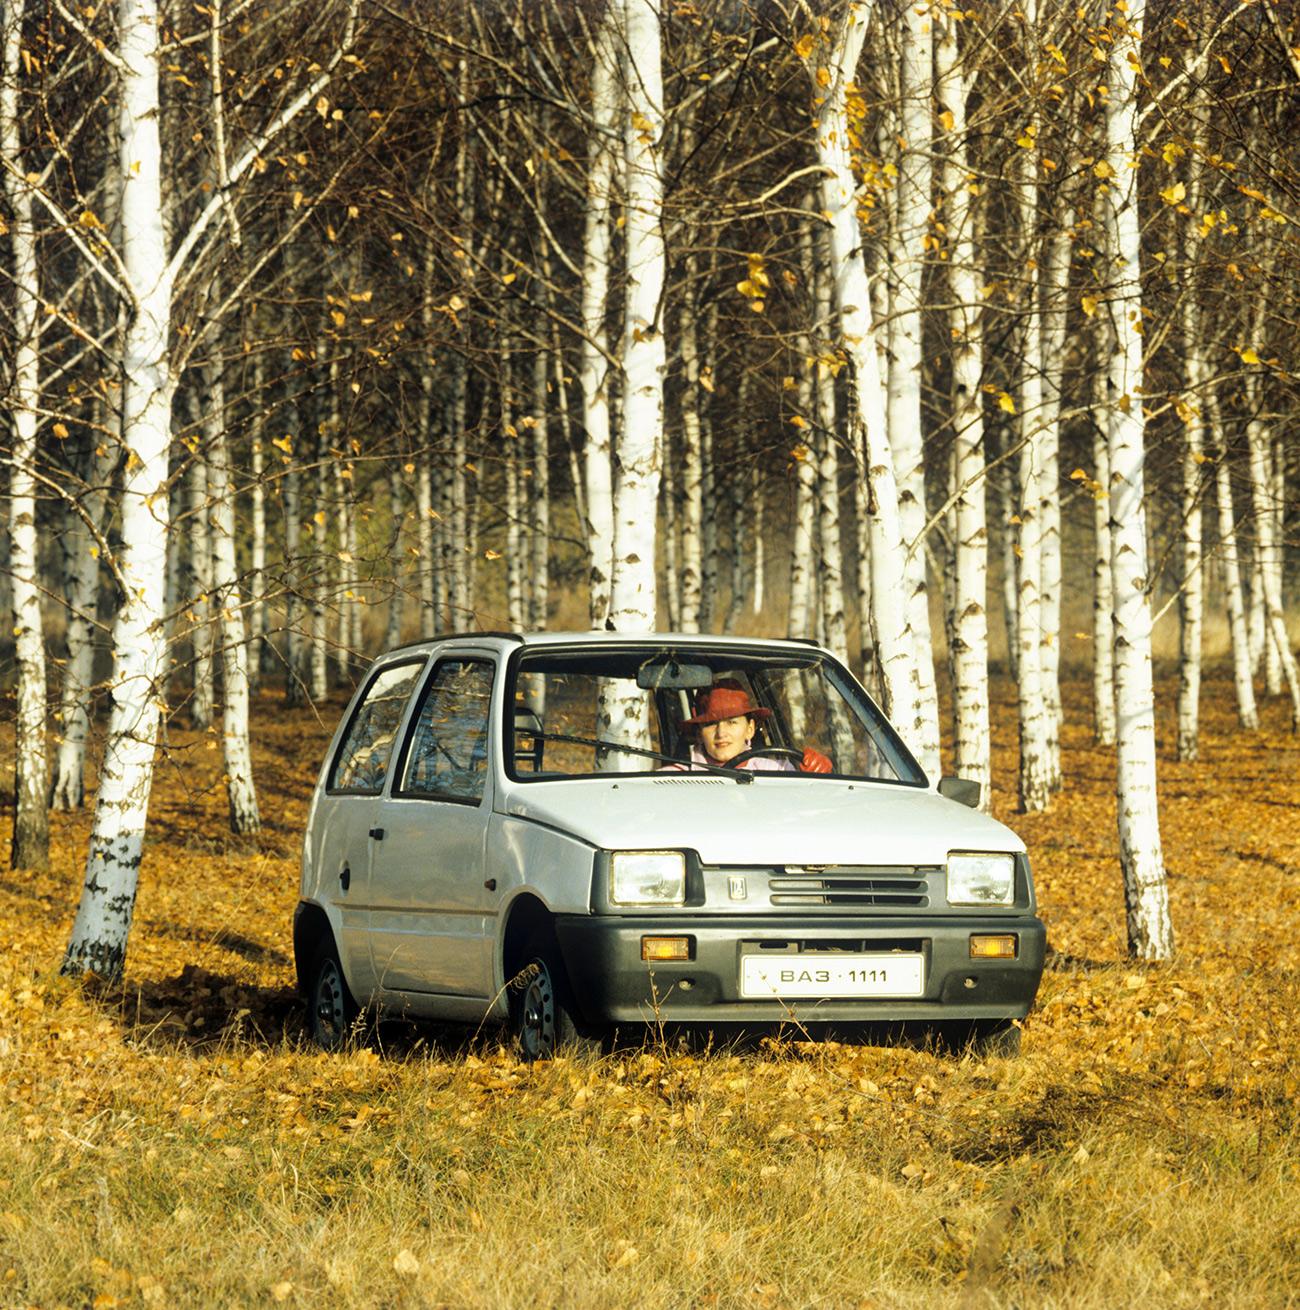 Talijanski stručnjaci su radili na AvtoVAZ-ovim modelima u prvim godinama njihove proizvodnje, a sovjetski dizajneri svoj samostalni rad počinju krajem sedamdesetih.